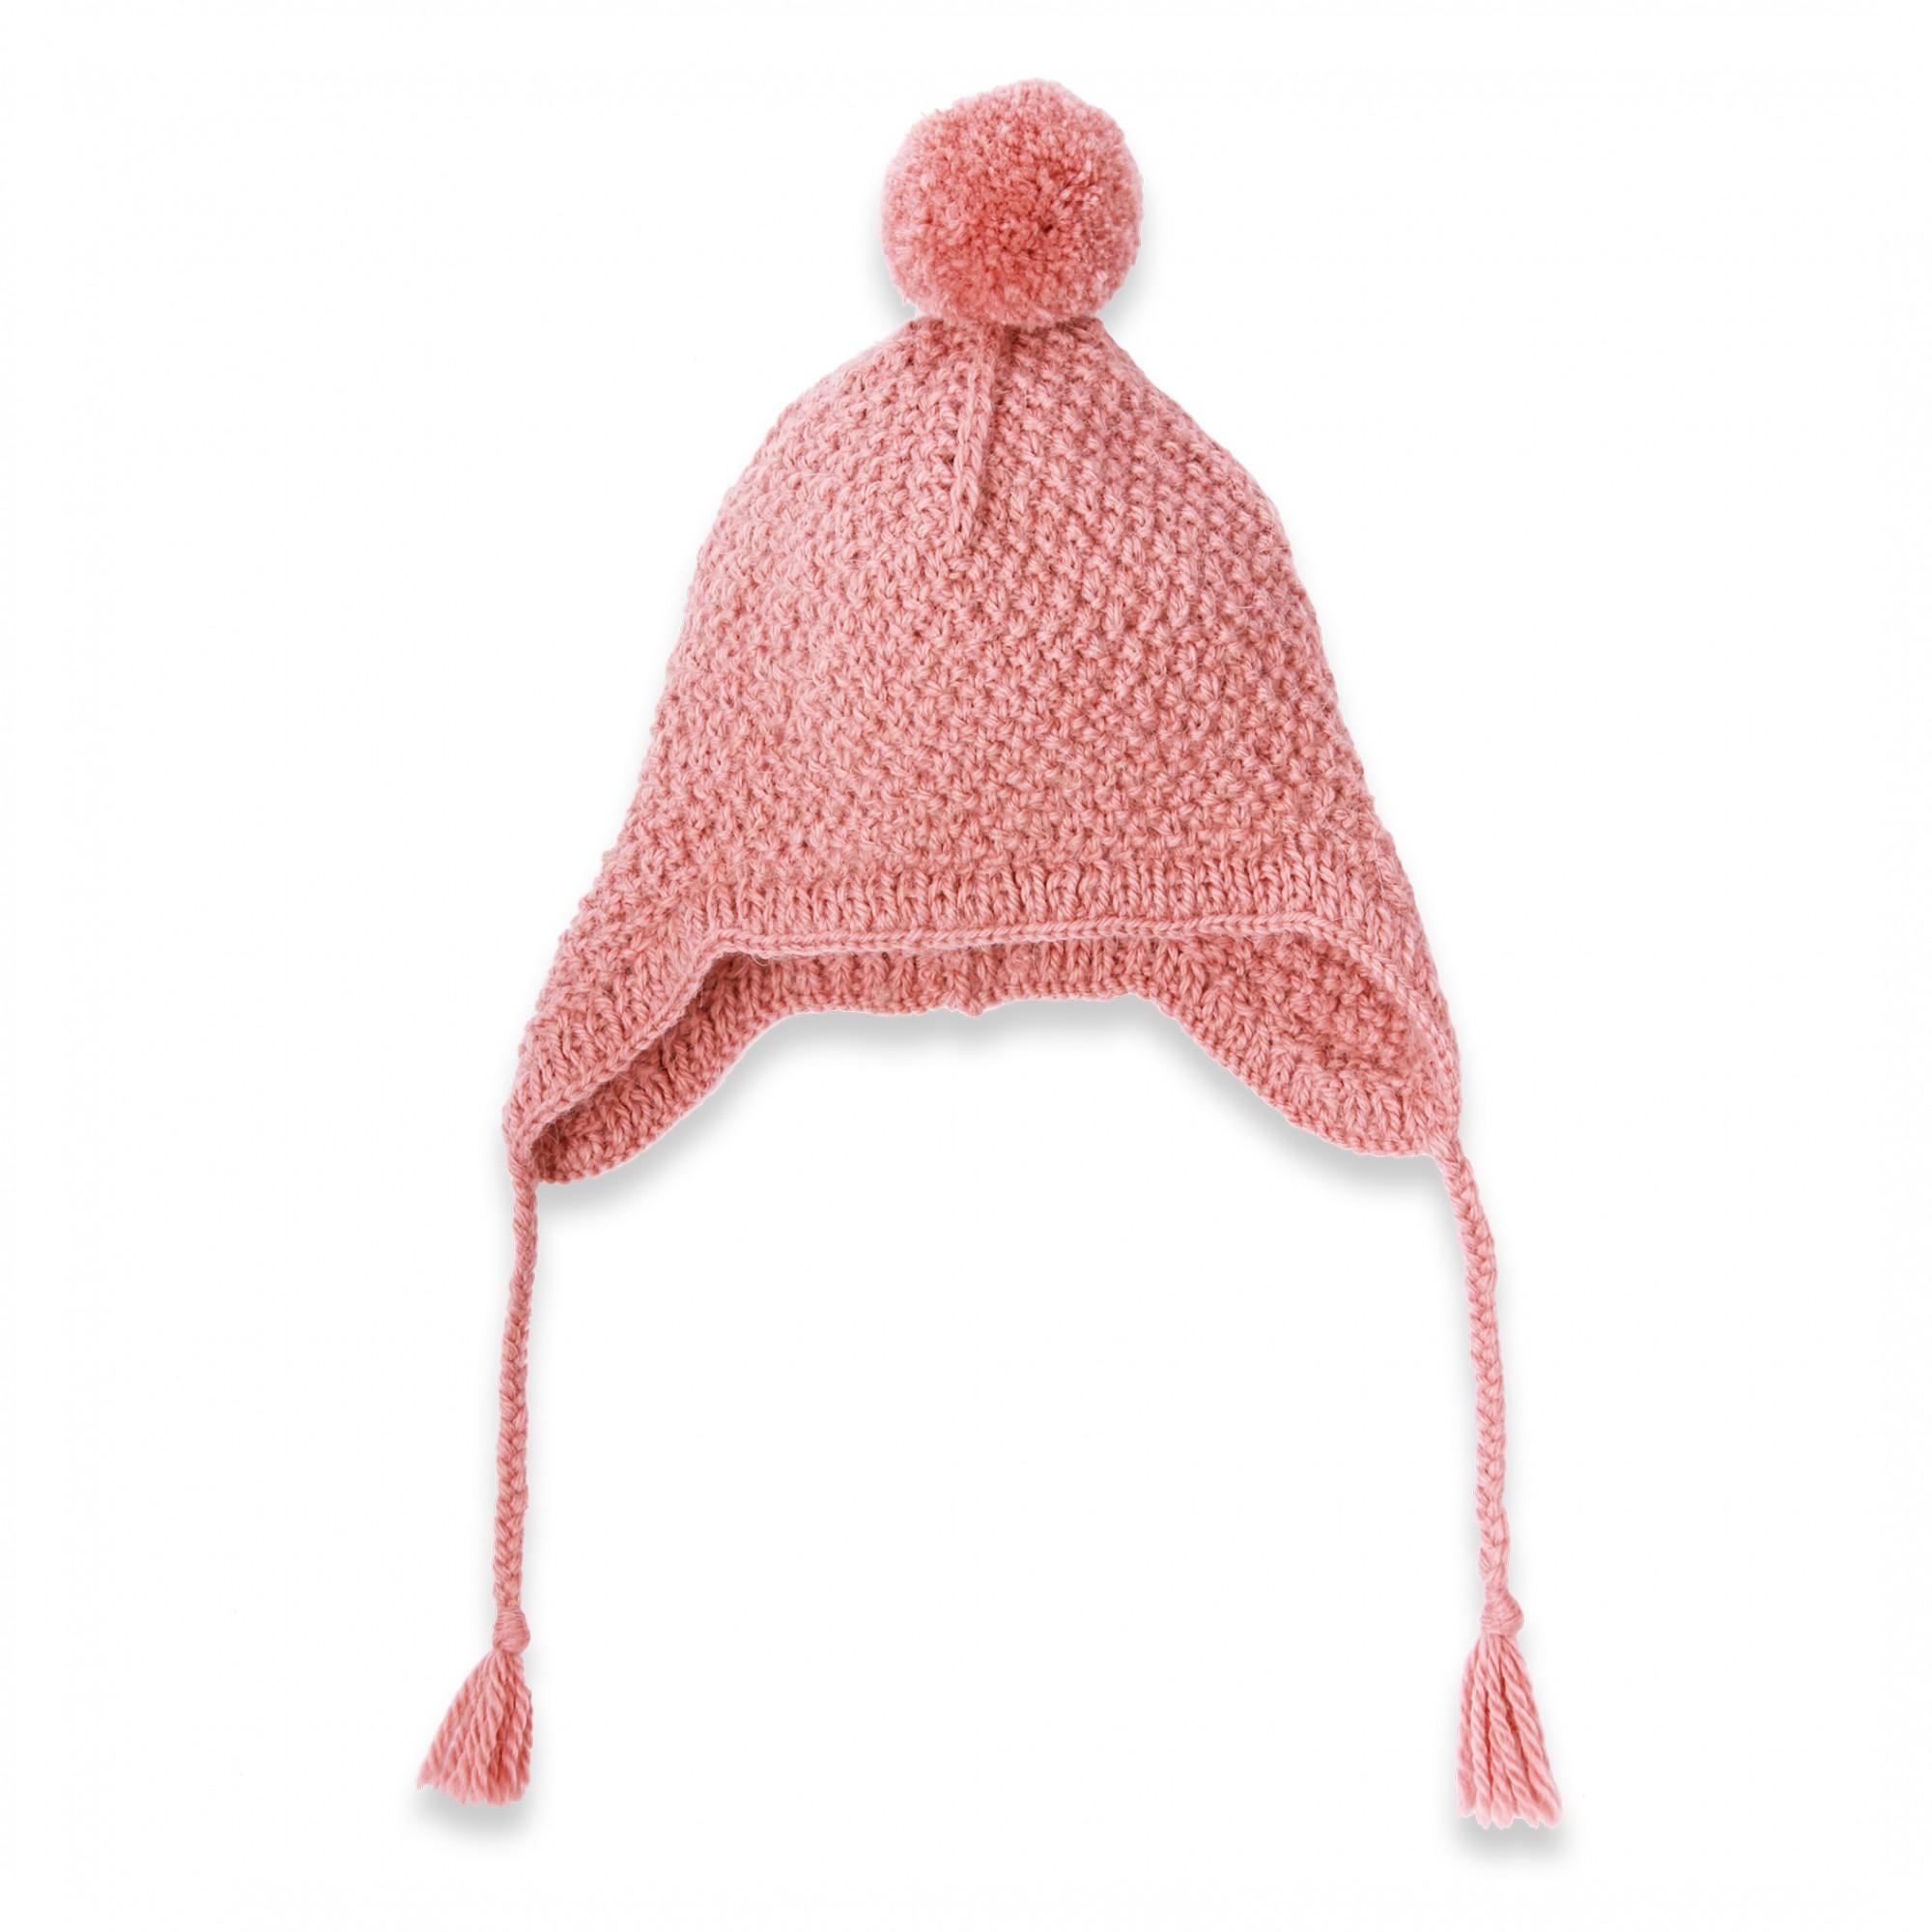 création modèle tricot bonnet peruvien naissance bouton source 5ade0caae11